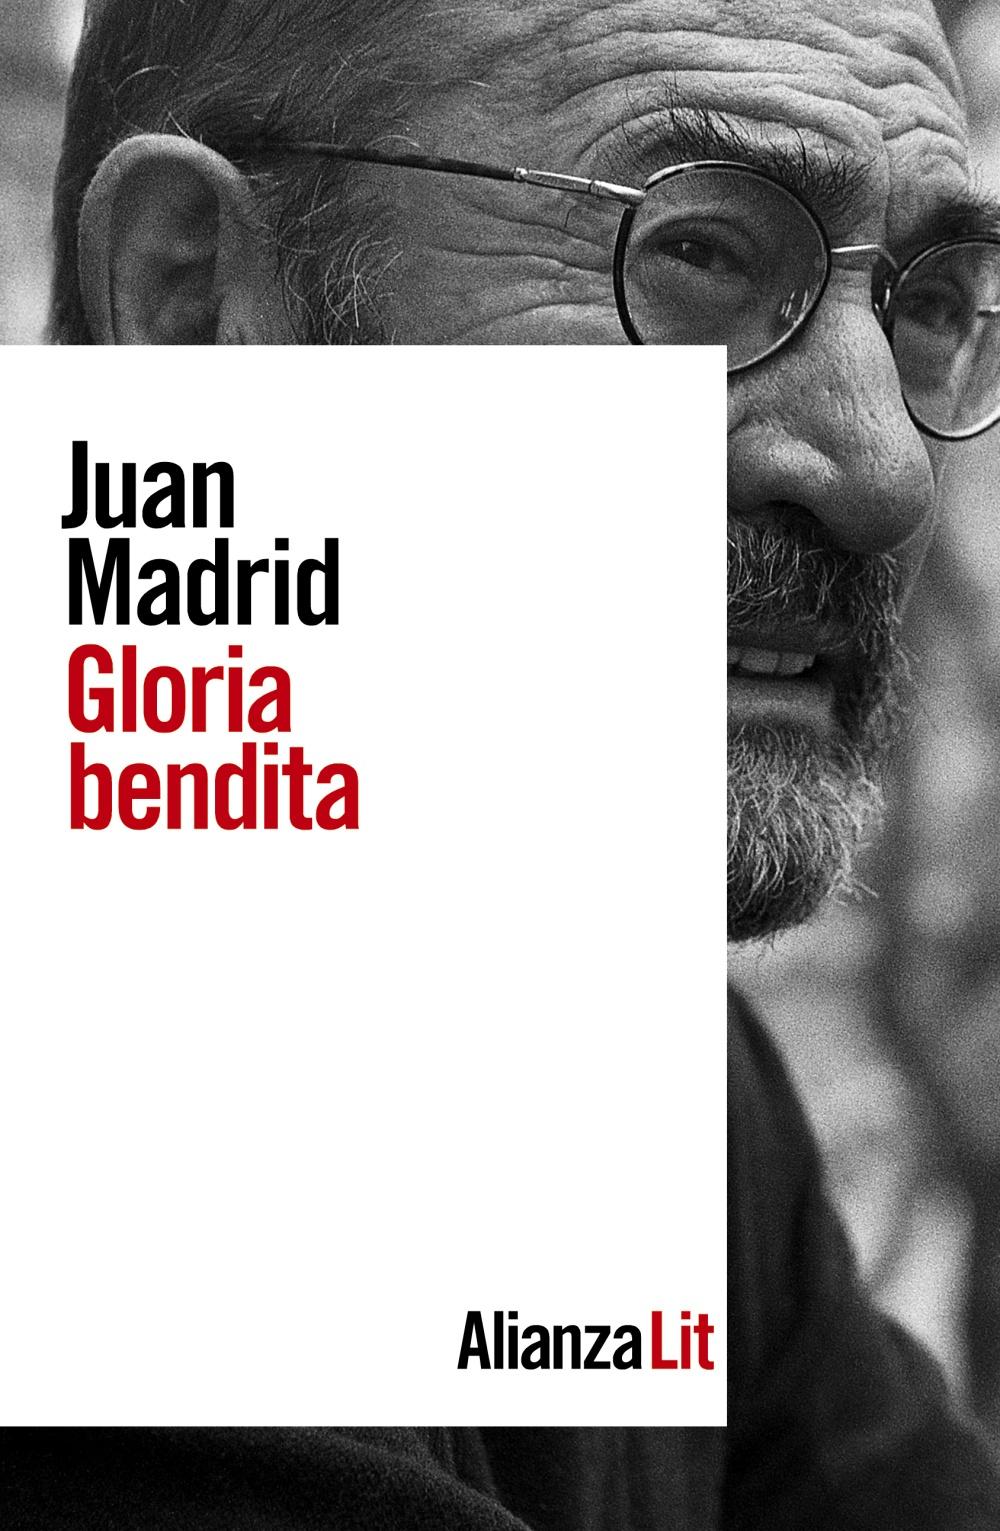 9788413621197-gloria-bendita